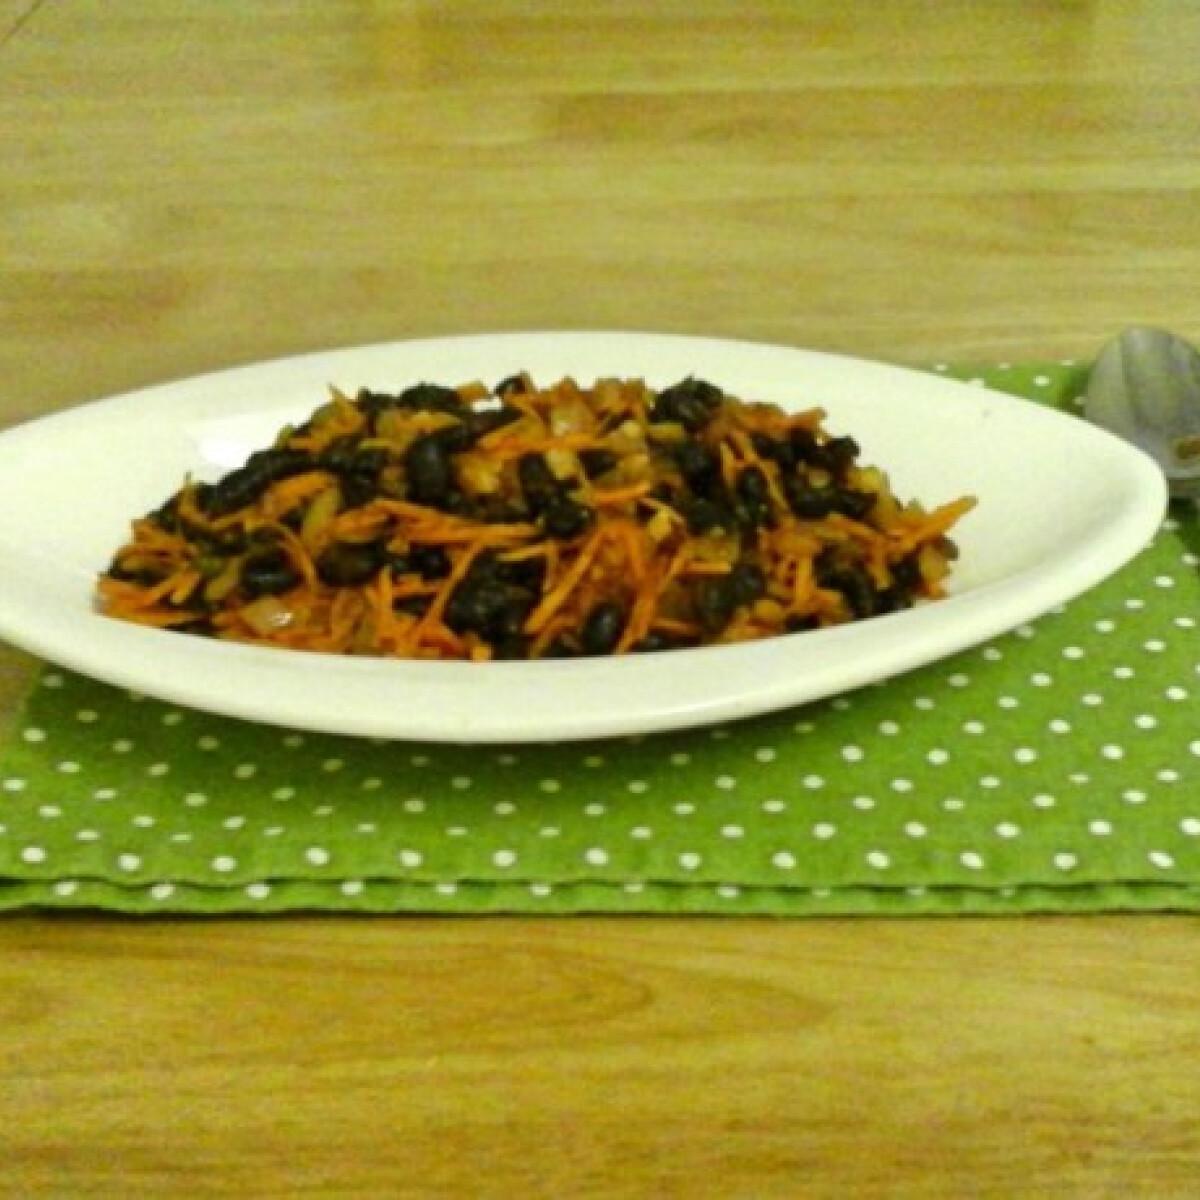 Ezen a képen: Feketebab-főzelék citromlével meglocsolva